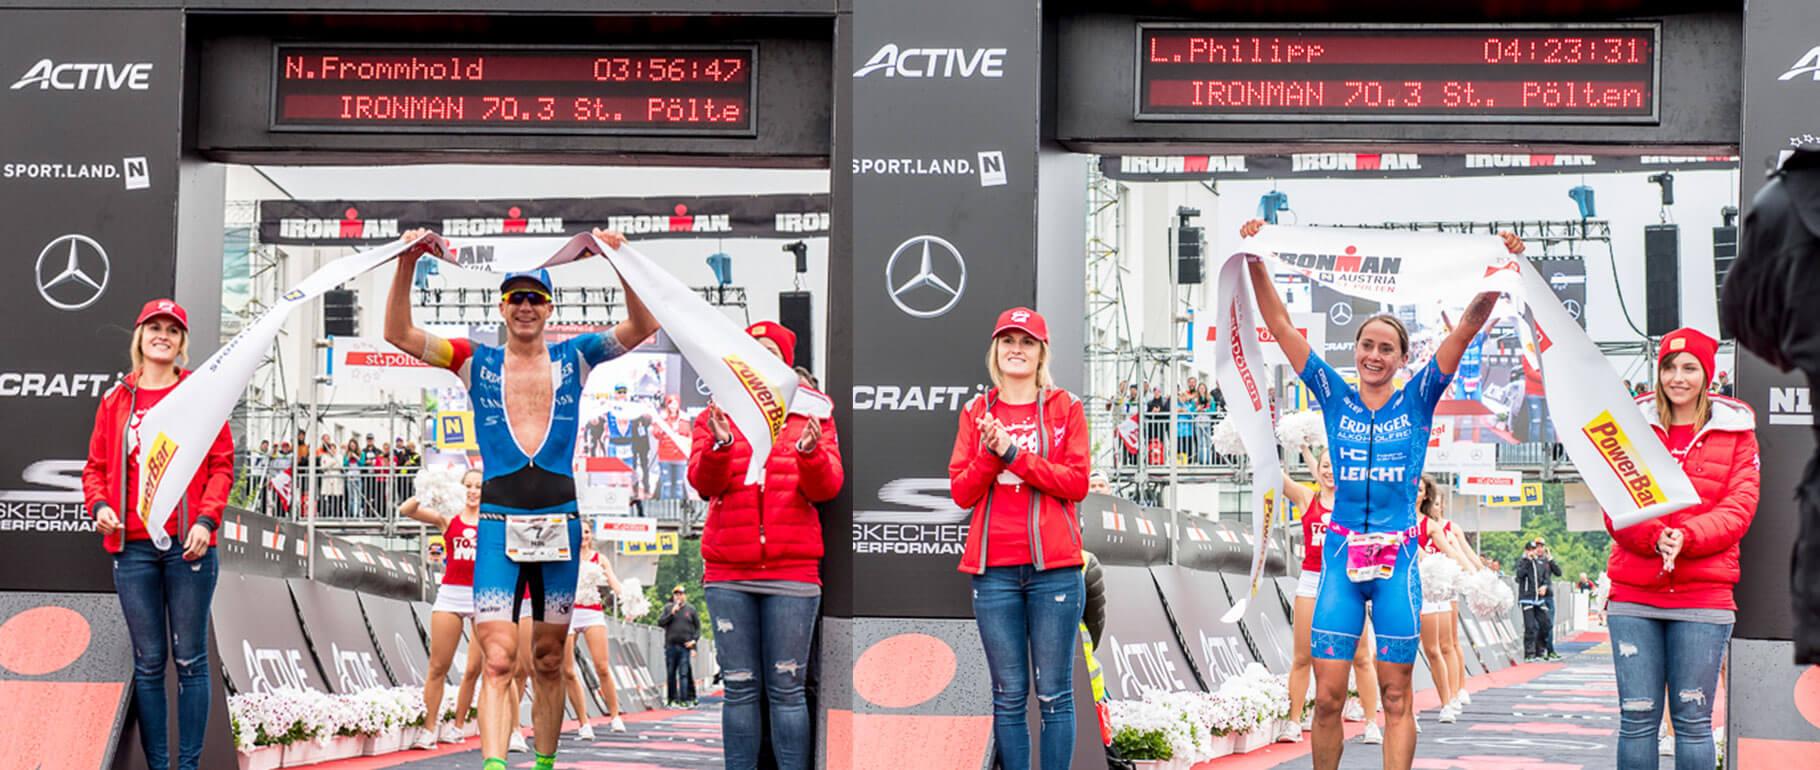 Doppelter Triumph beim Ironman 70.3 St. Pölten